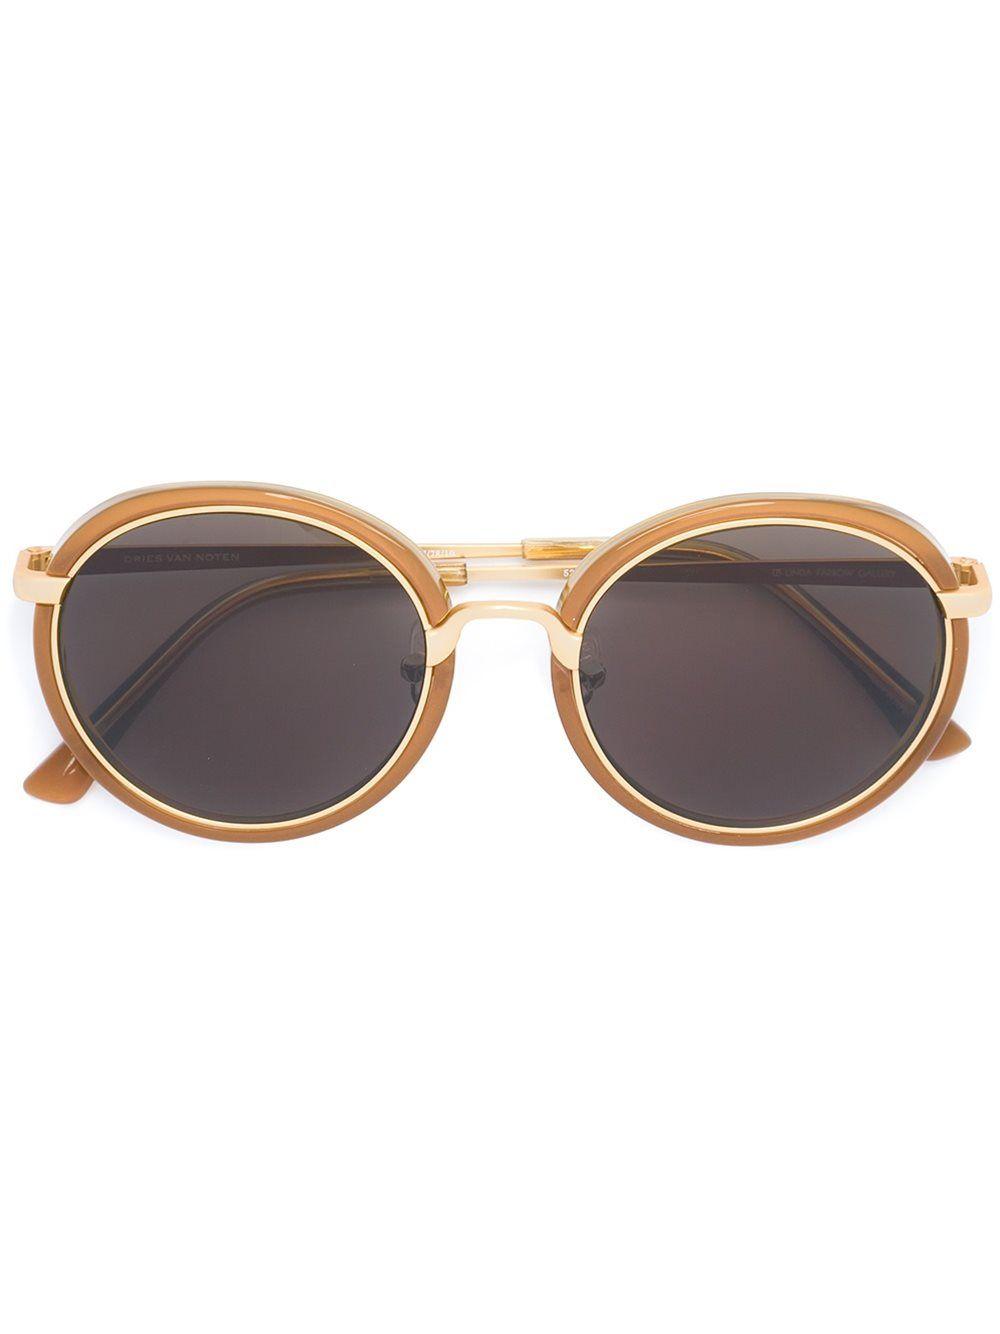 3a9ca5d1707 Linda Farrow round frame sunglasses